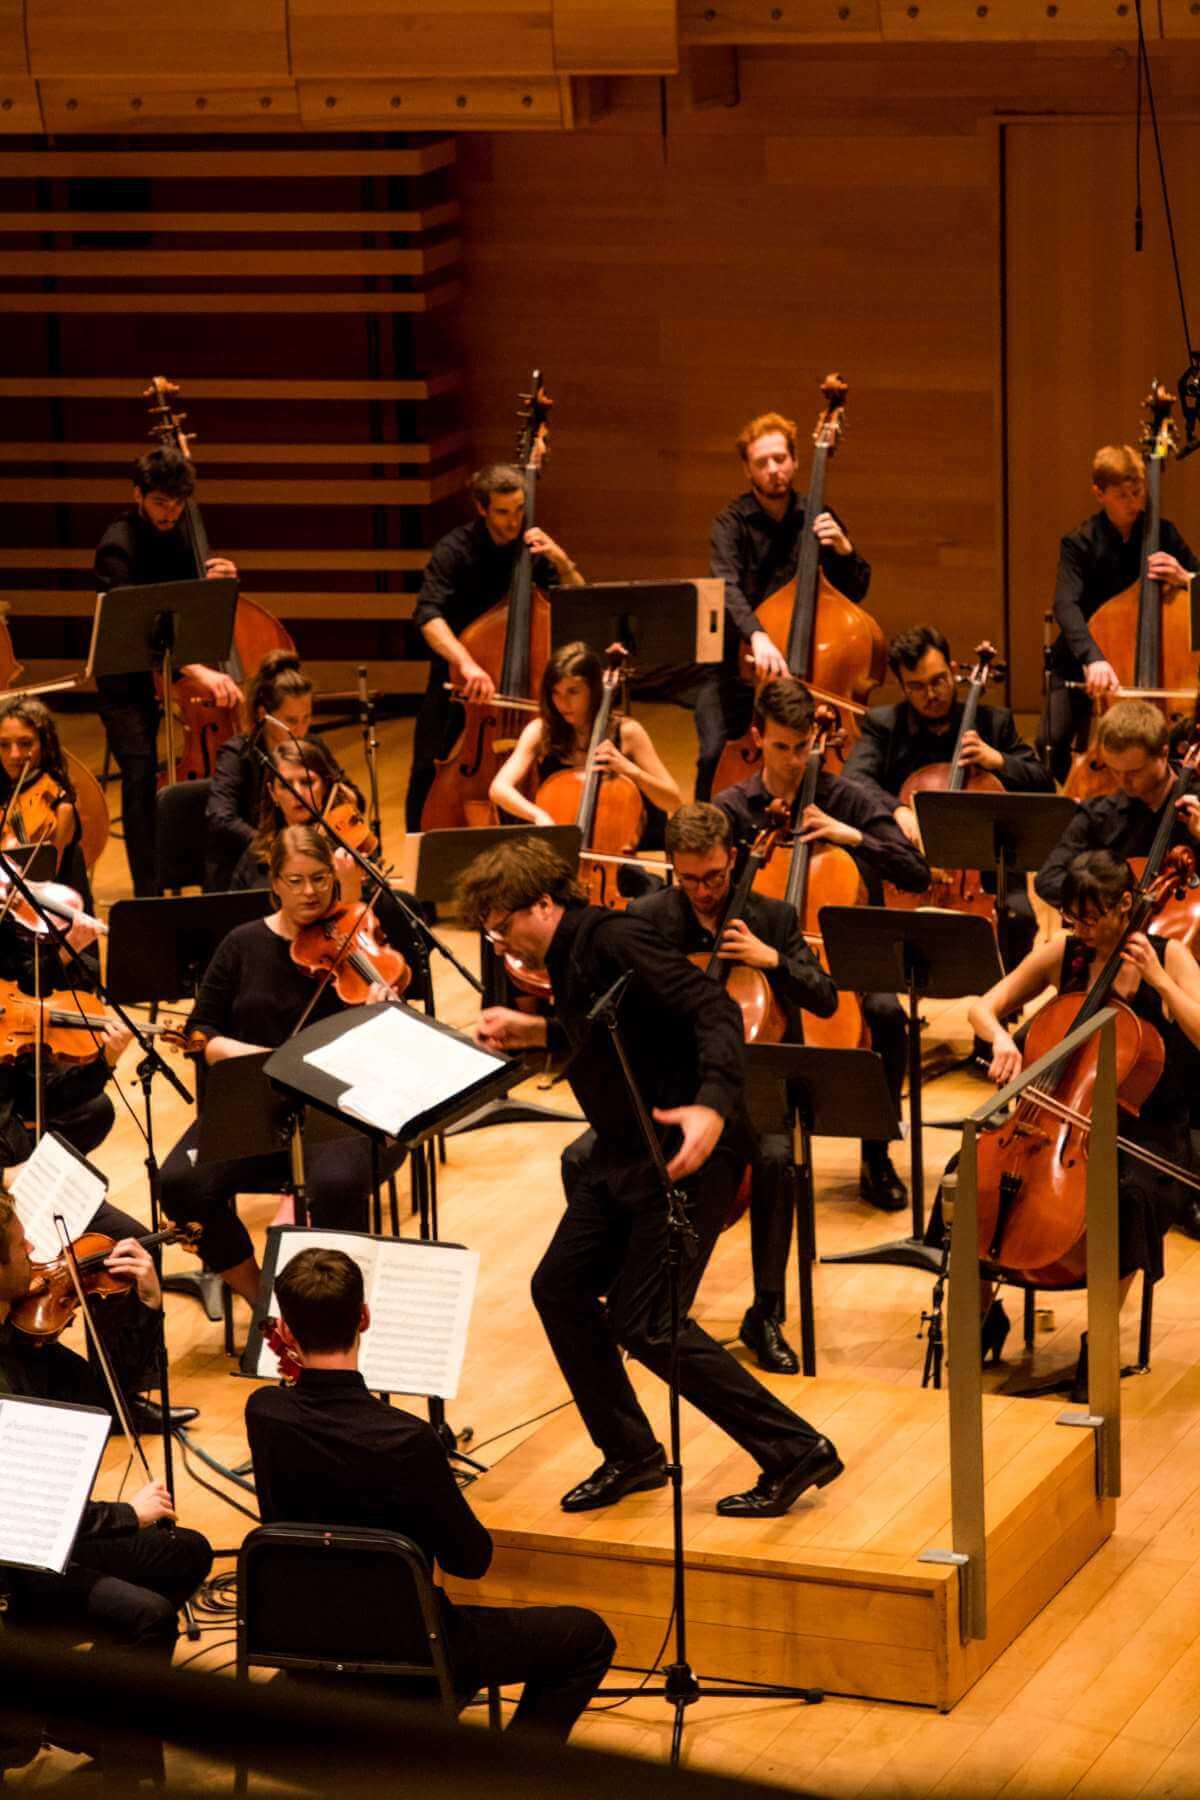 La pianiste Anne-Marie Dubois interprétait le Concerto pour piano no 2 de Liszt avec l'Orchestre de la Francophonie, 14 août 2019. (Photo: Cassandra Beck)